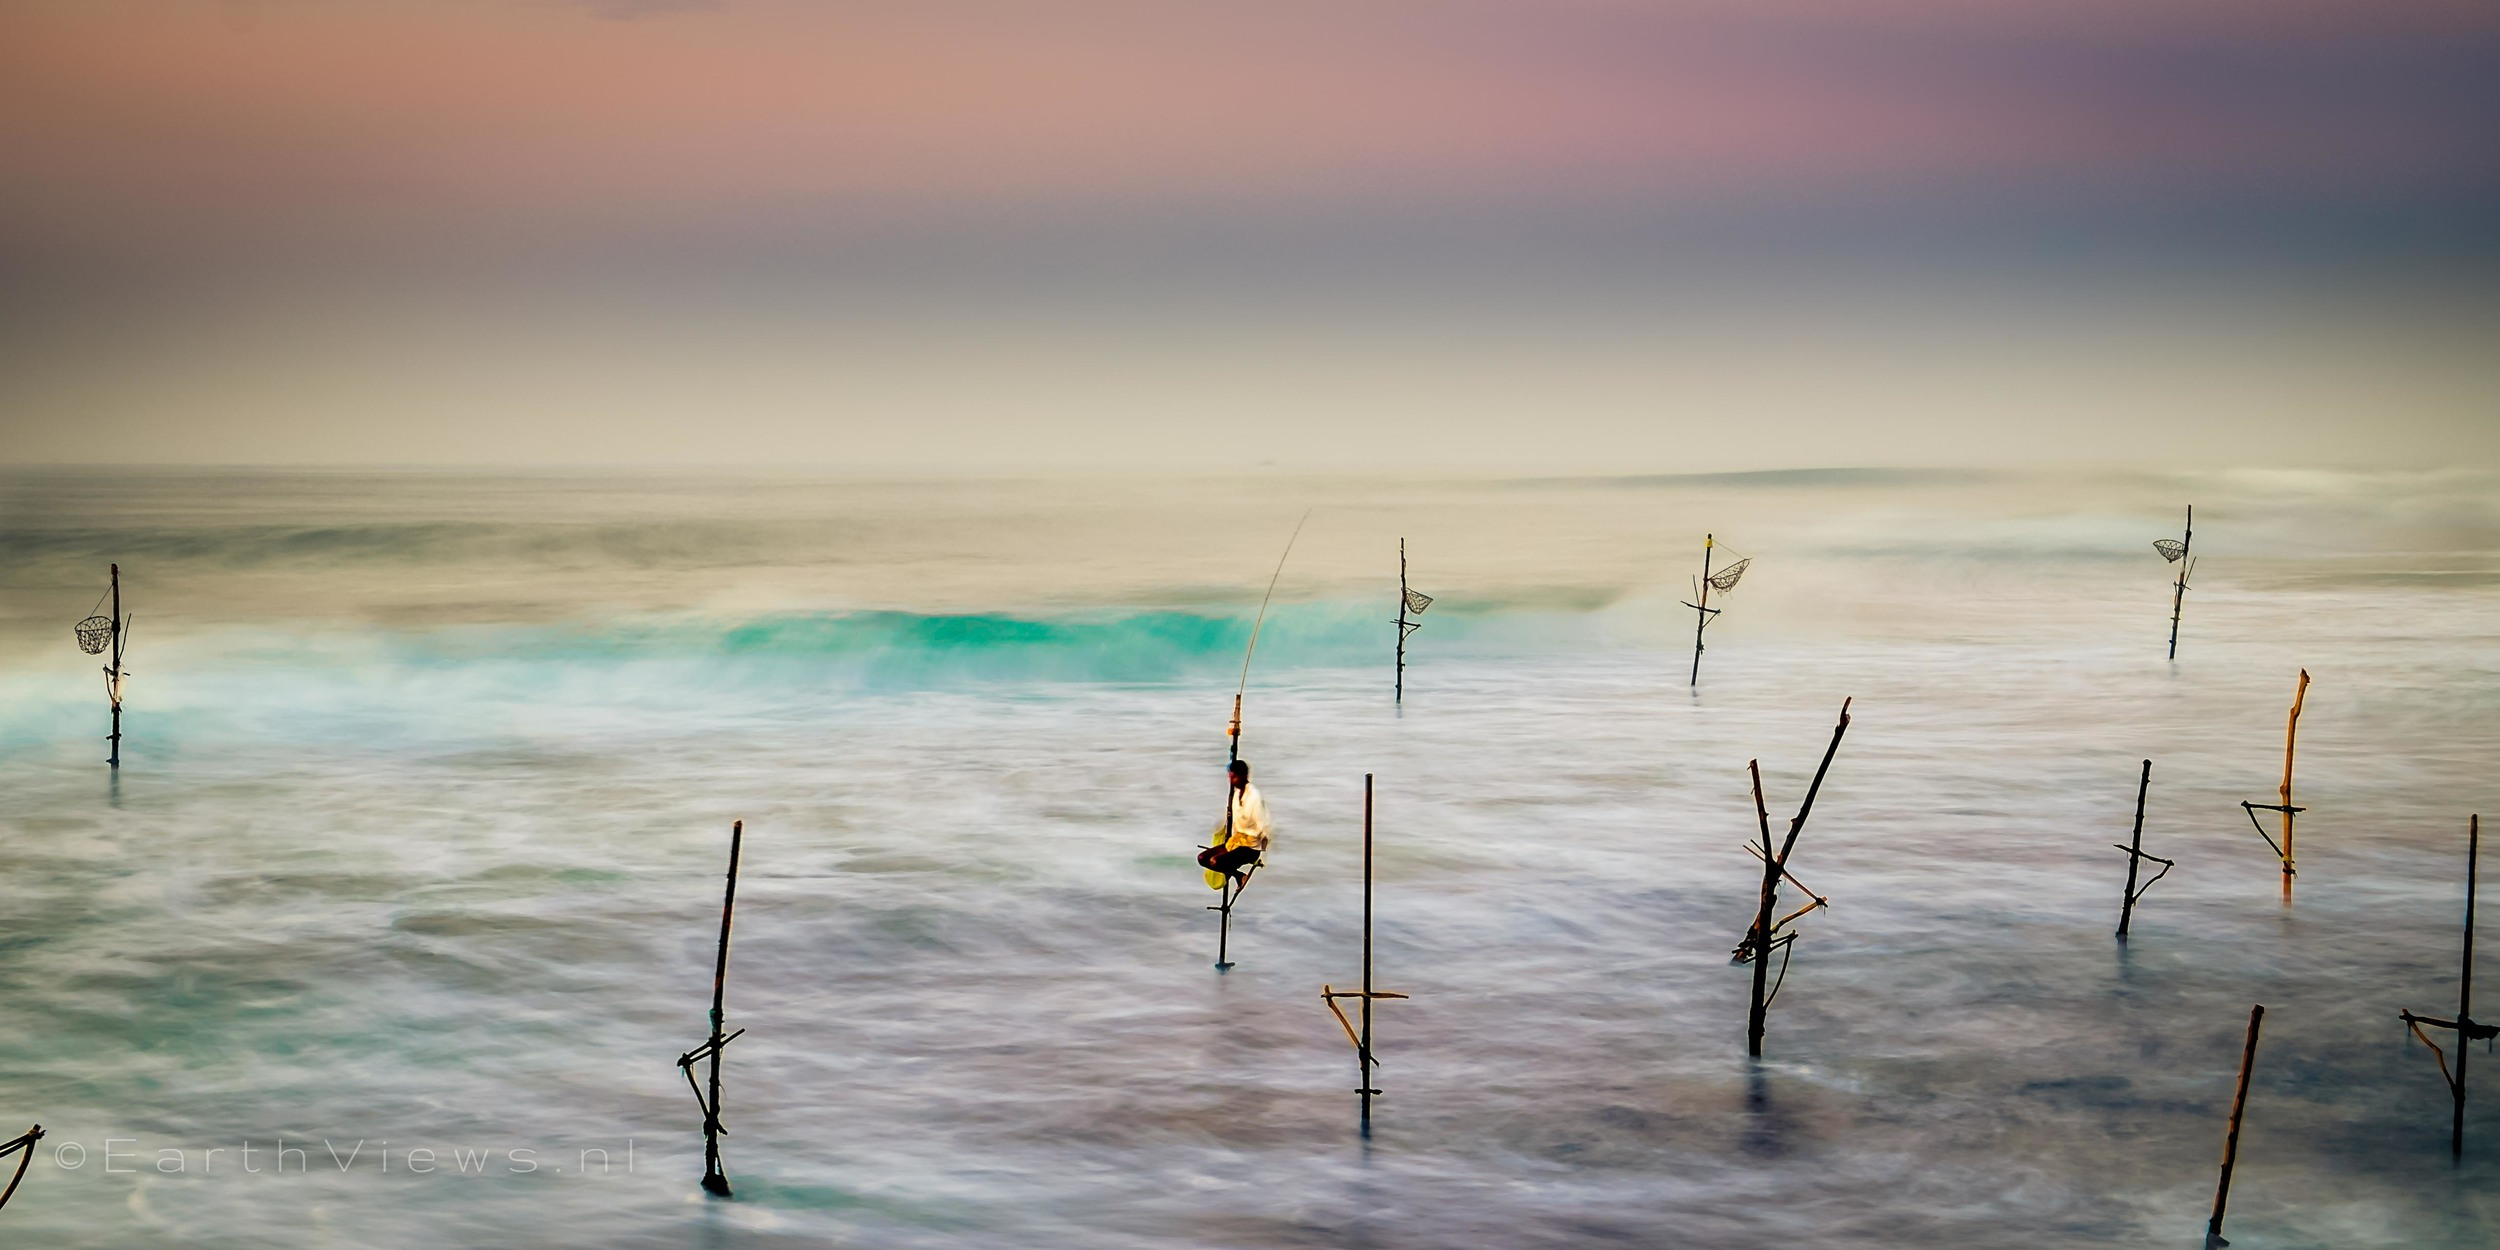 Stilt fishermen at the beach of Weligama, Sri Lanka.